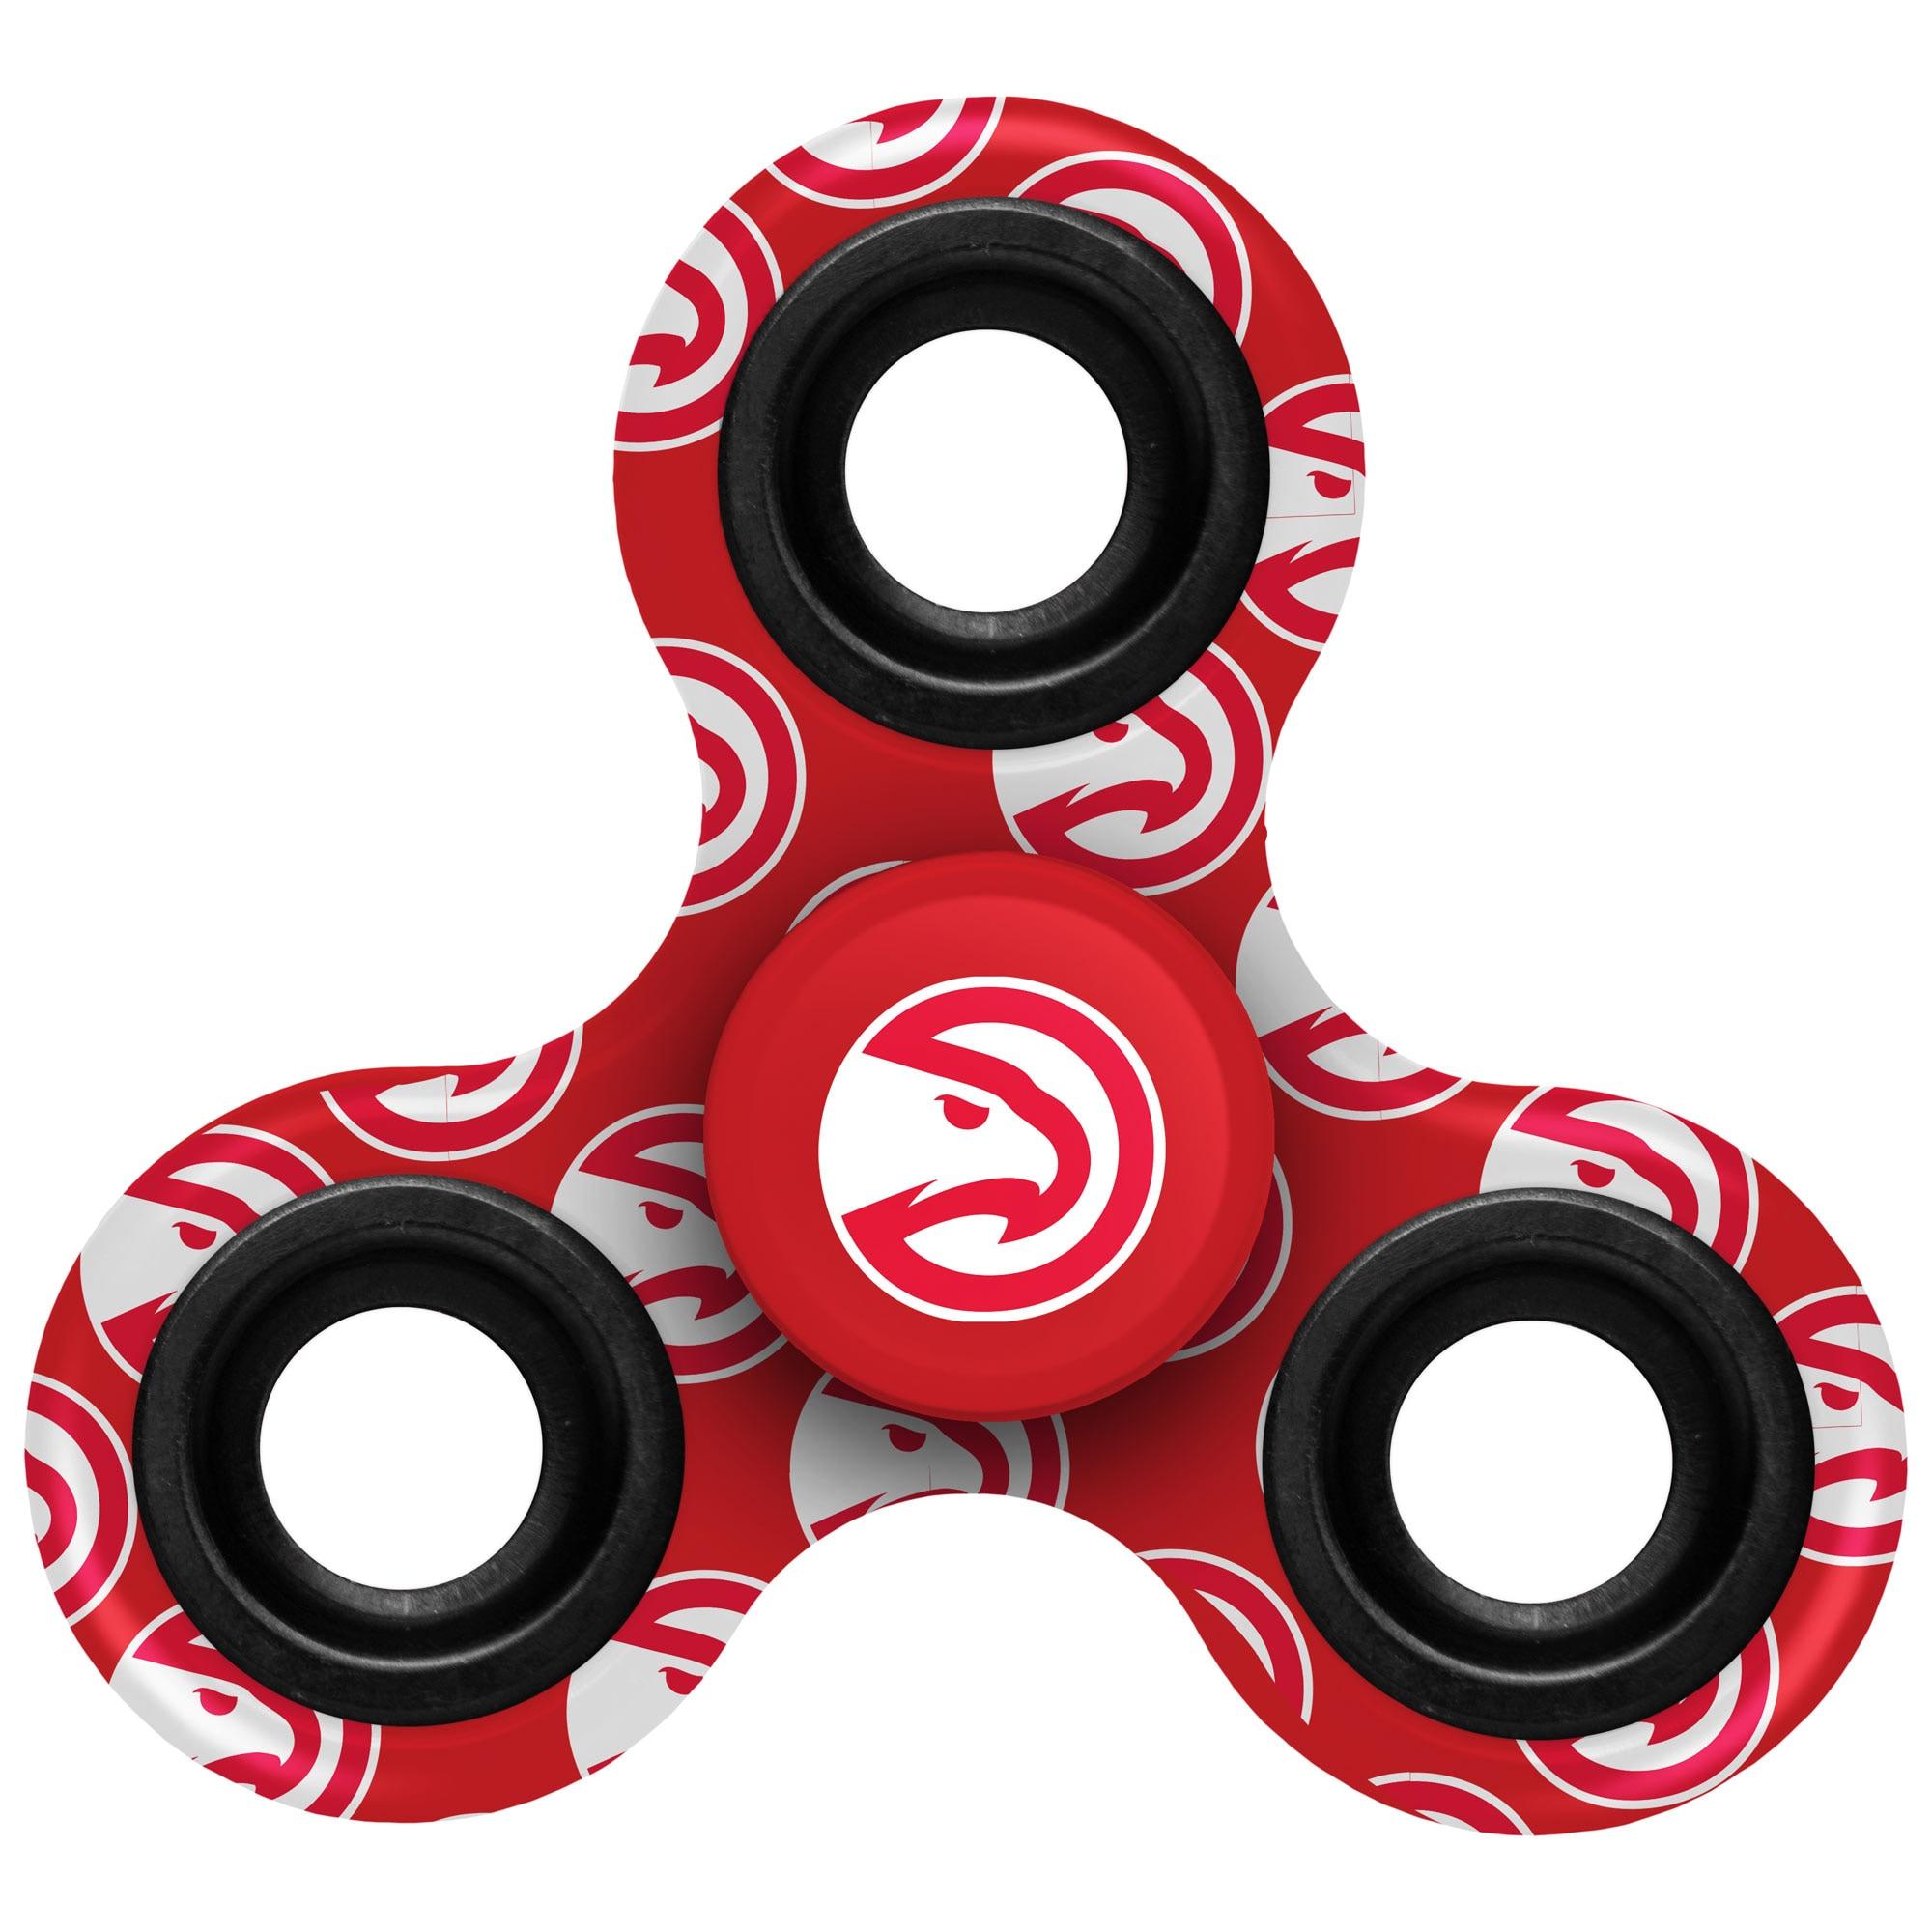 Atlanta Hawks Three-Way Fidget Spinner